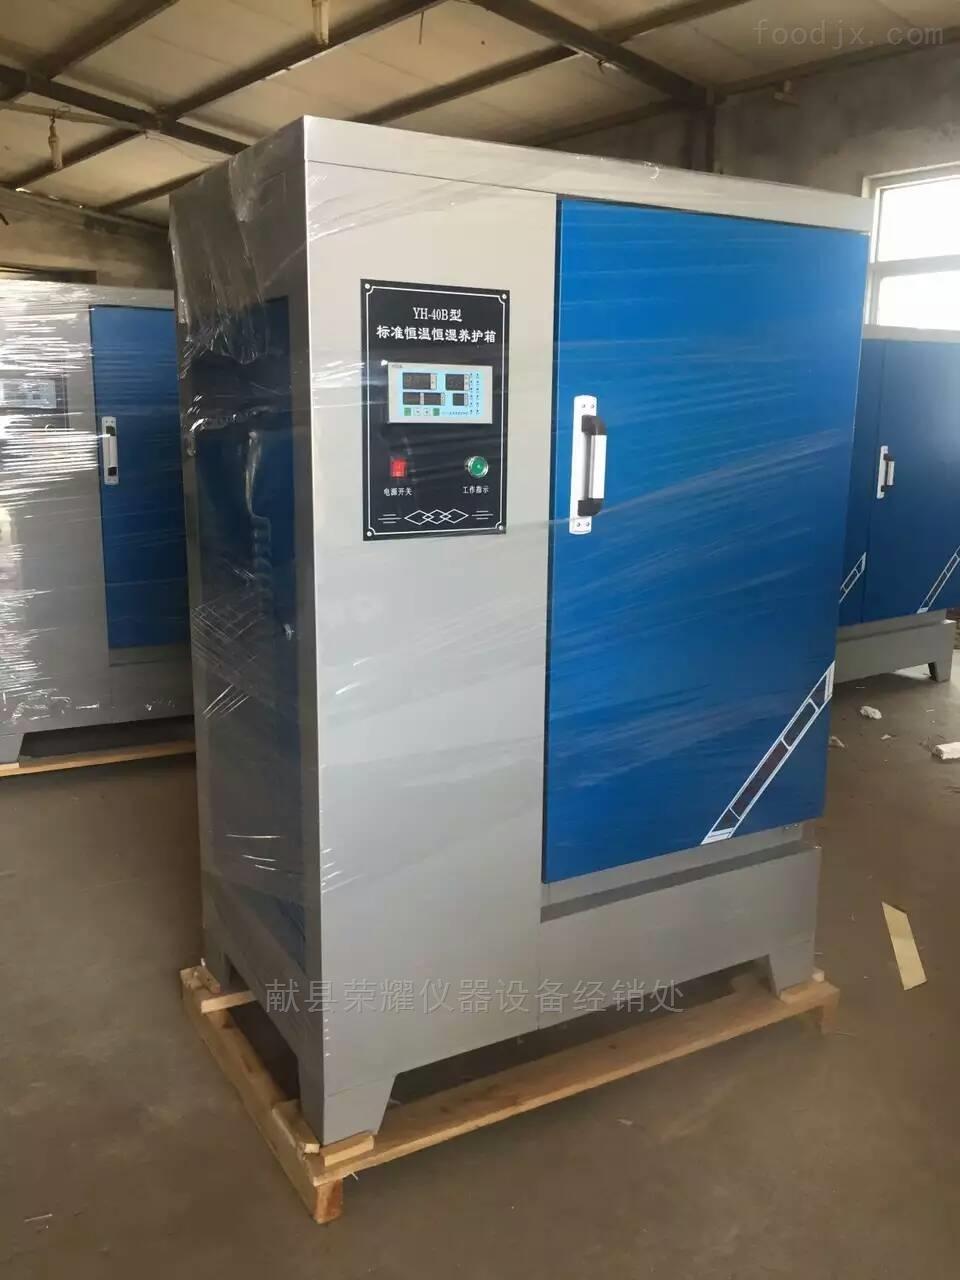 SHBY-40B/60B/90B型混凝土标养箱技术参数